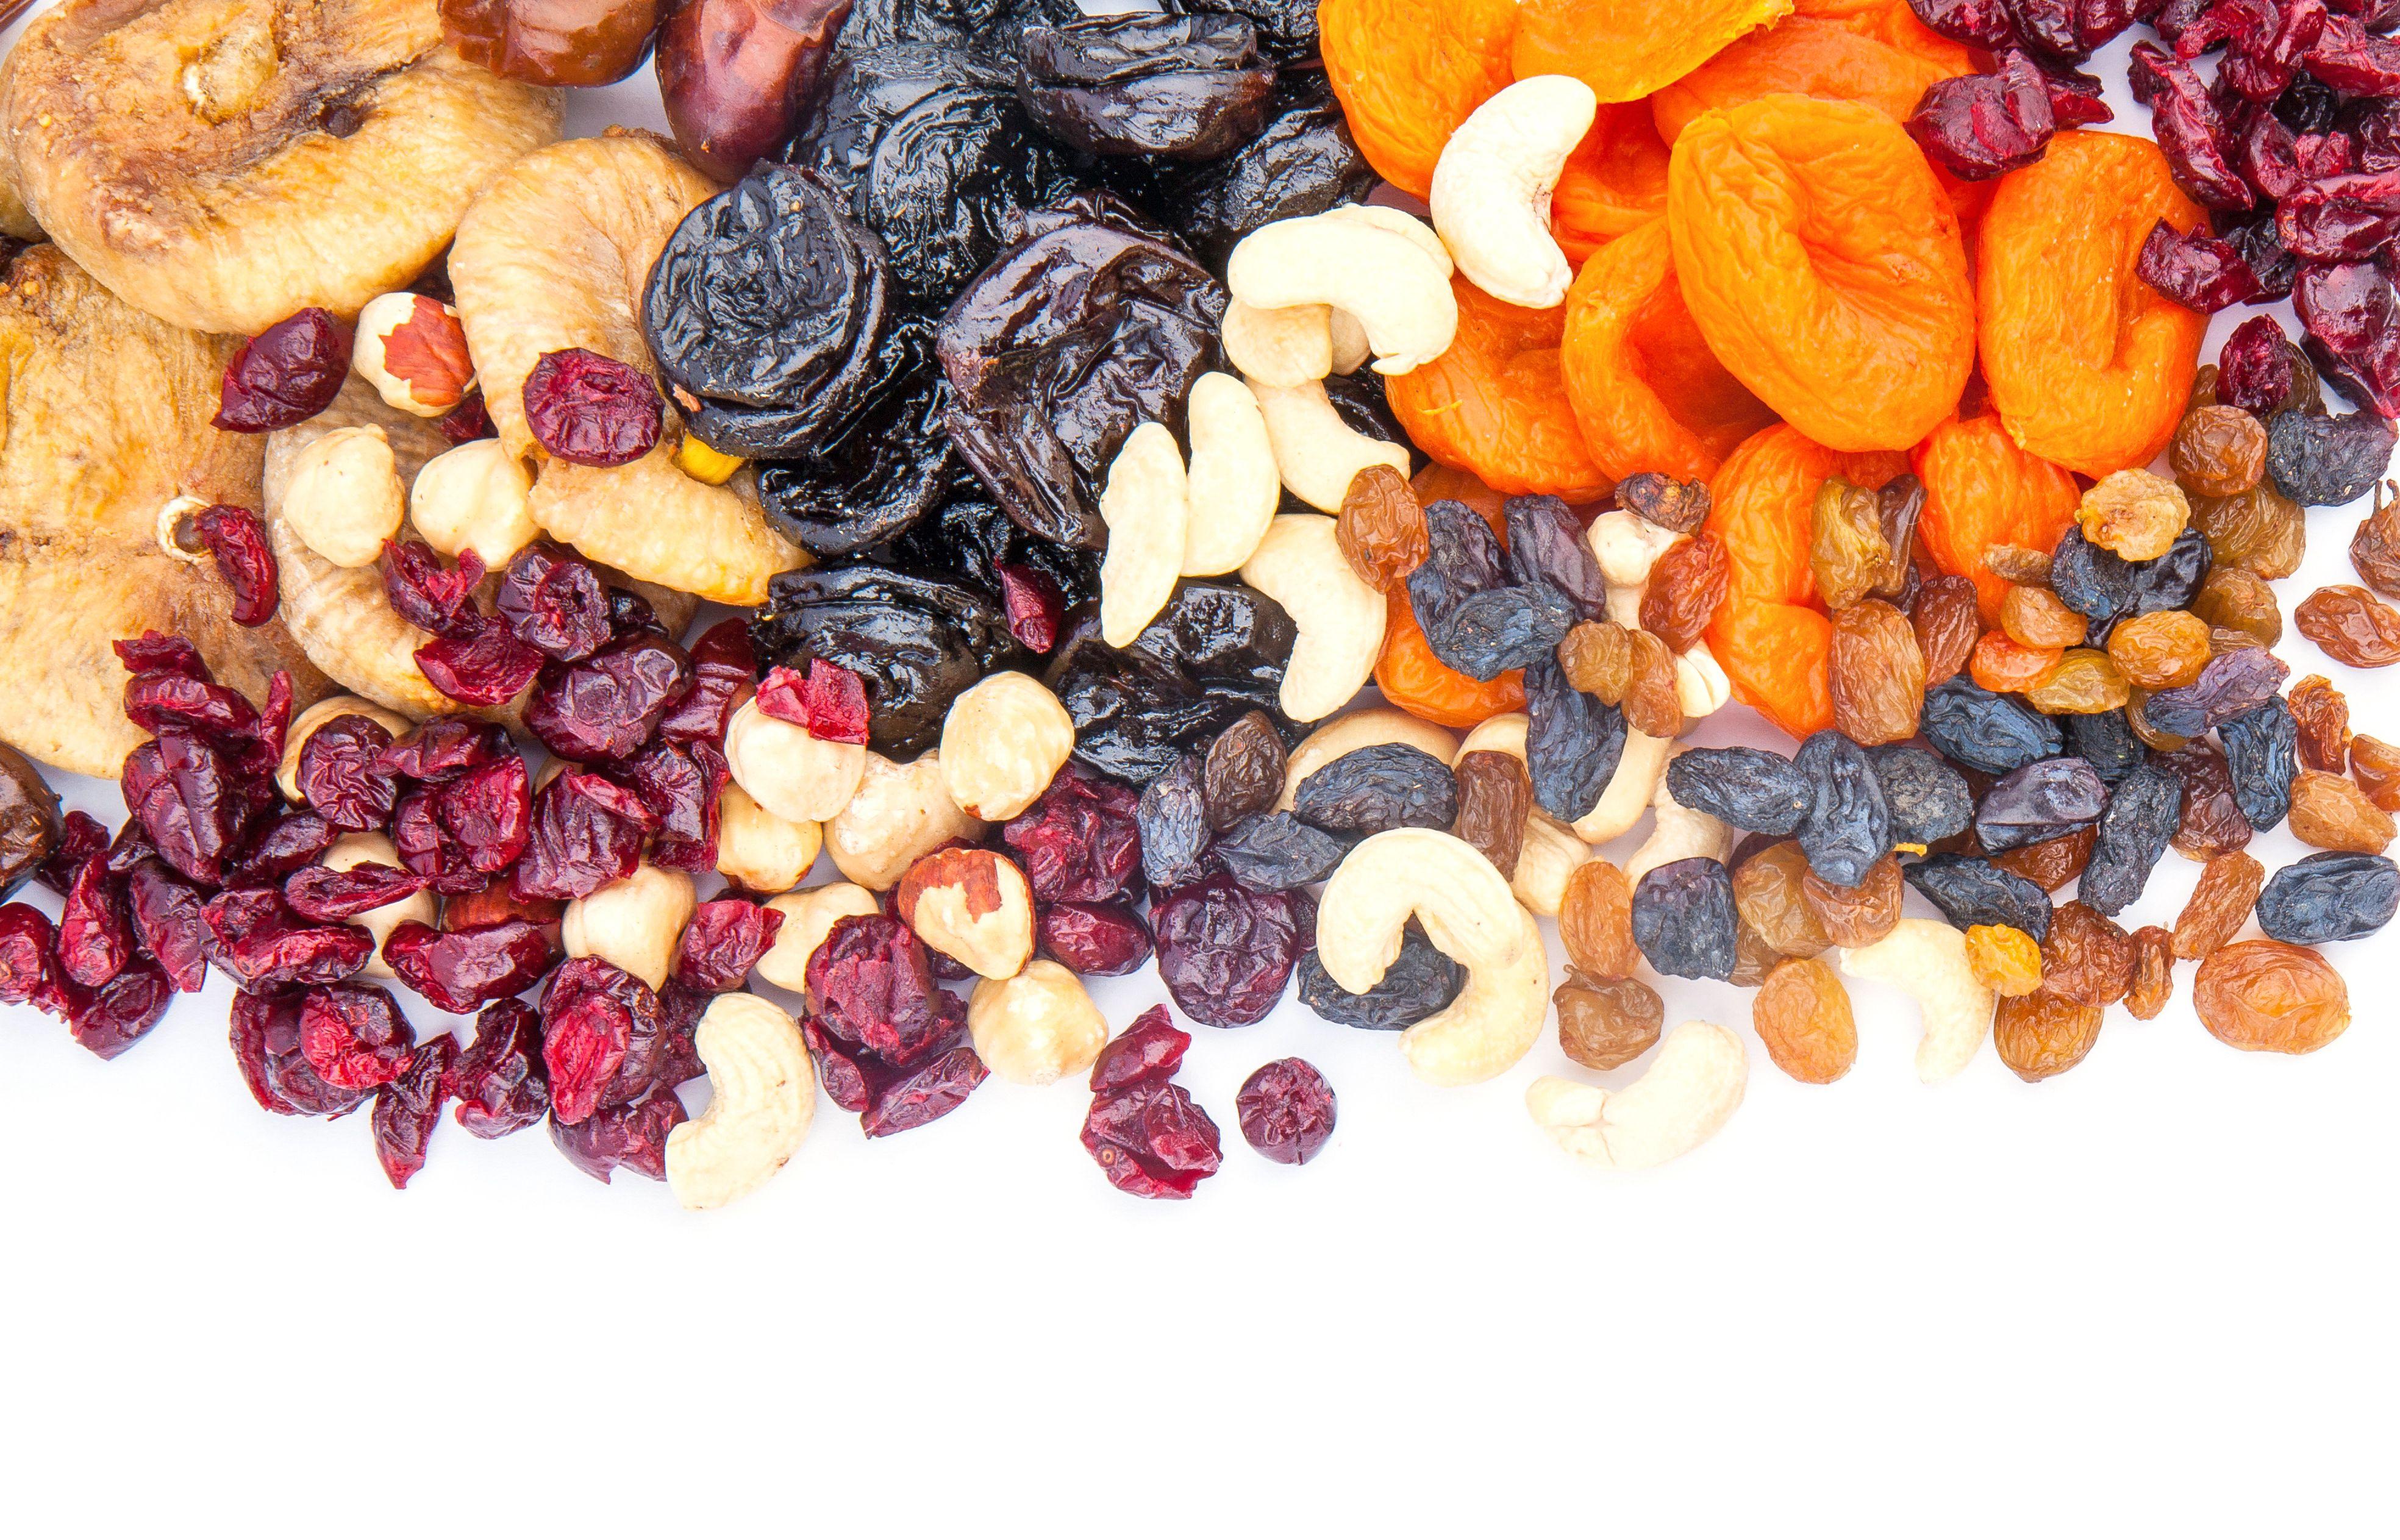 خوراکیهایی خشک و سالم که کمتر استفاده میشود